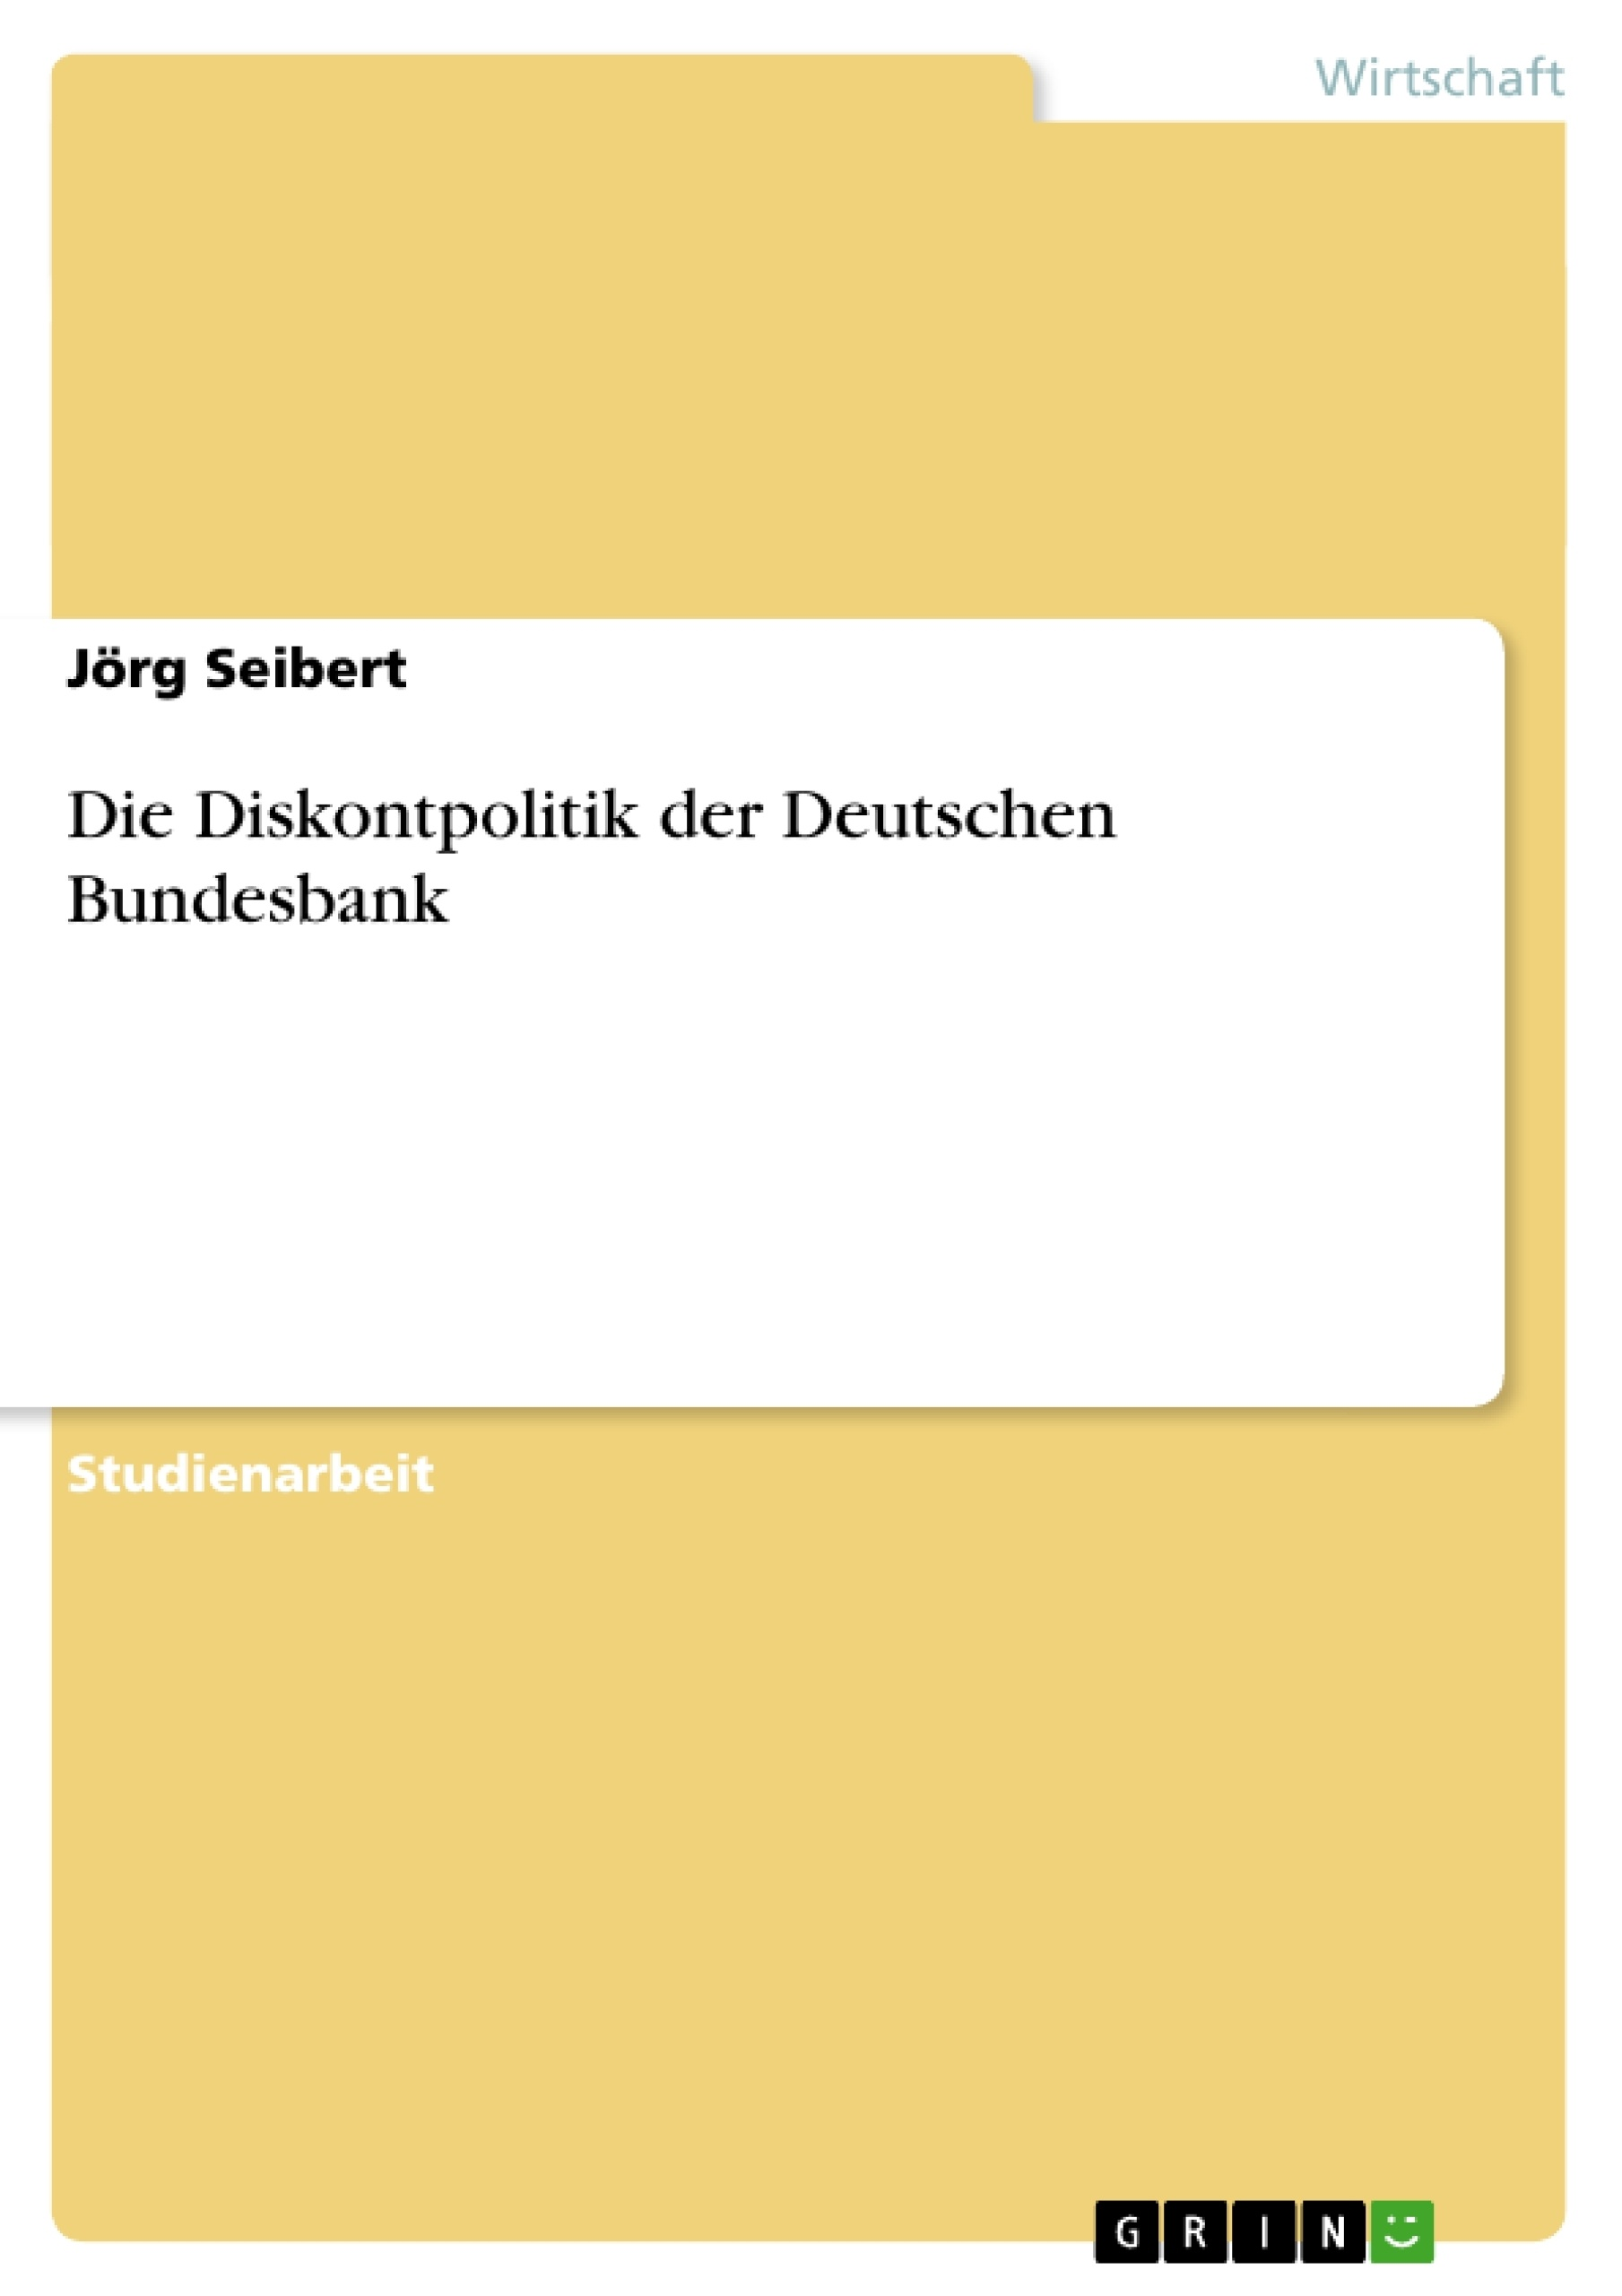 Titel: Die Diskontpolitik der Deutschen Bundesbank